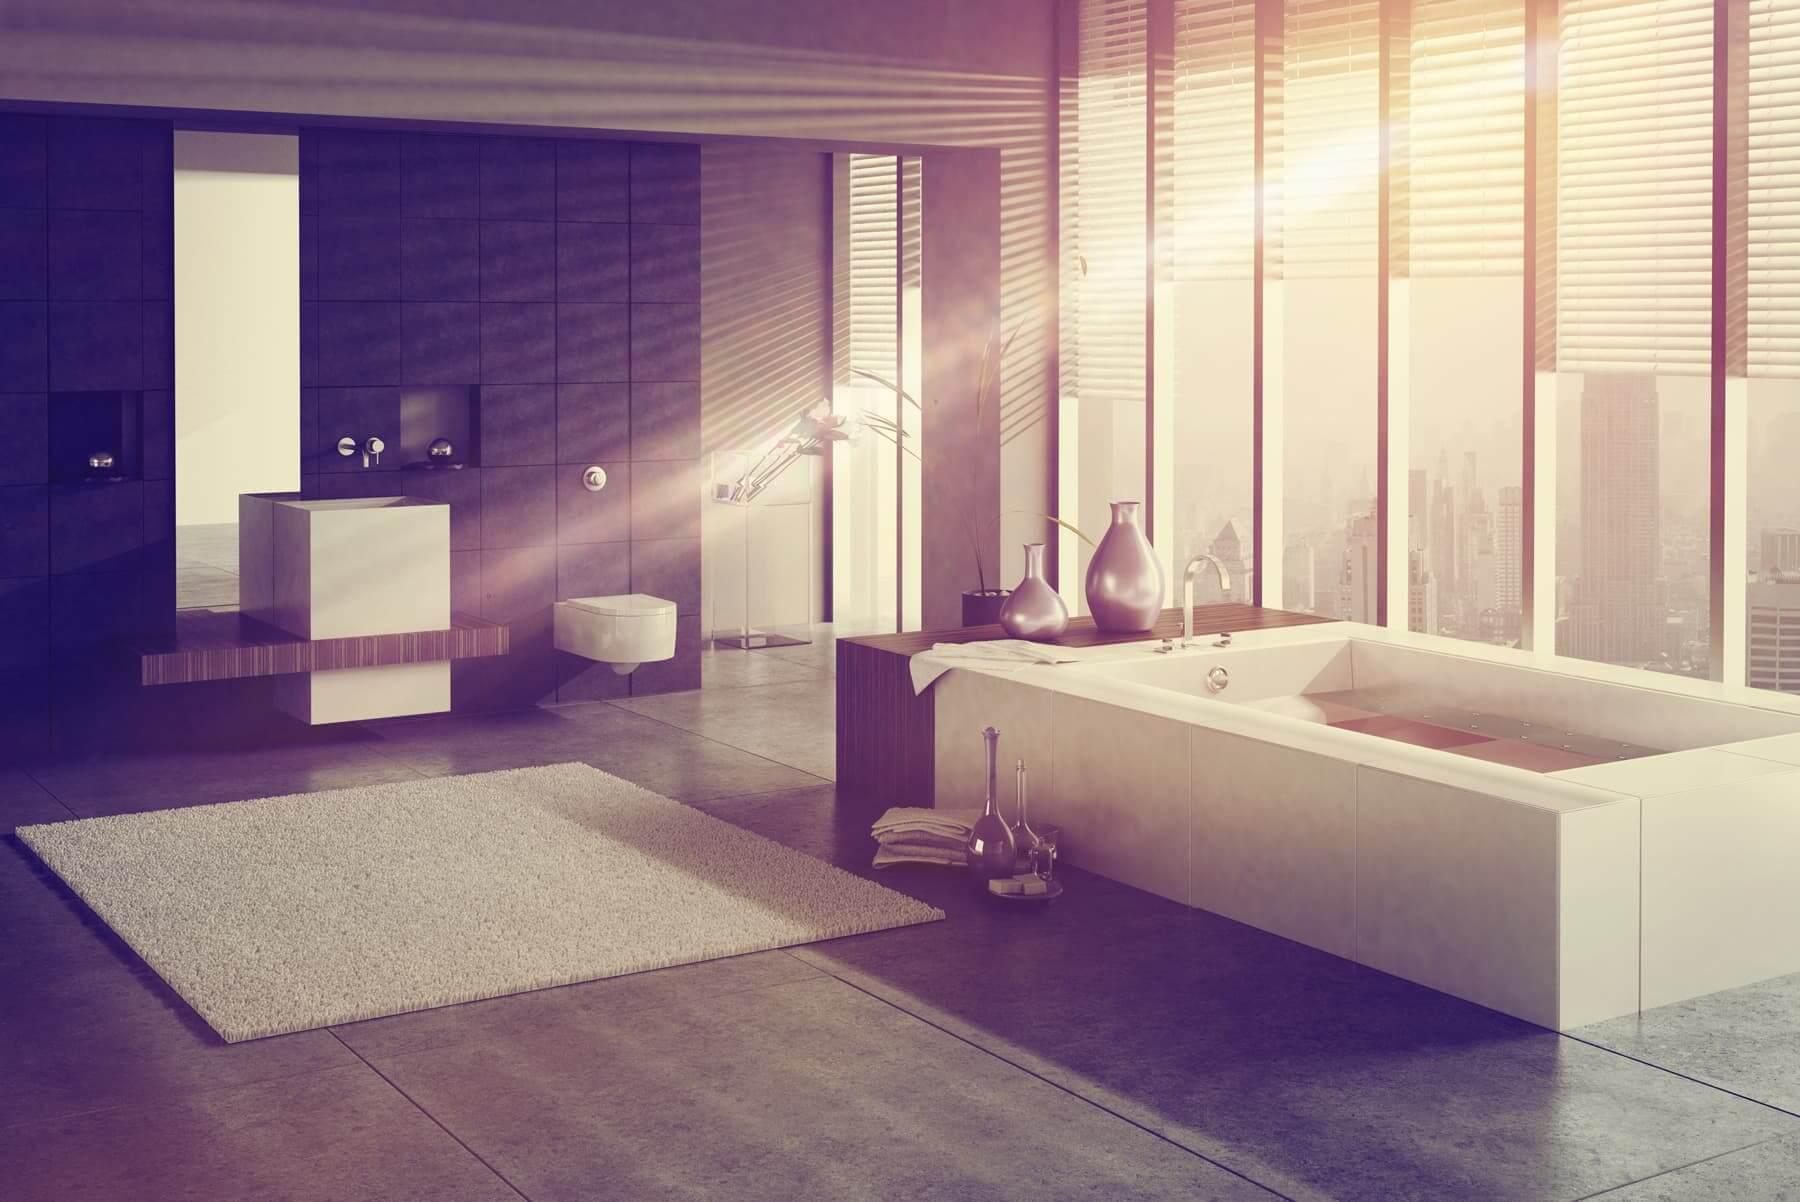 modernisierungskredit g nstig die modernisierung finanzieren. Black Bedroom Furniture Sets. Home Design Ideas